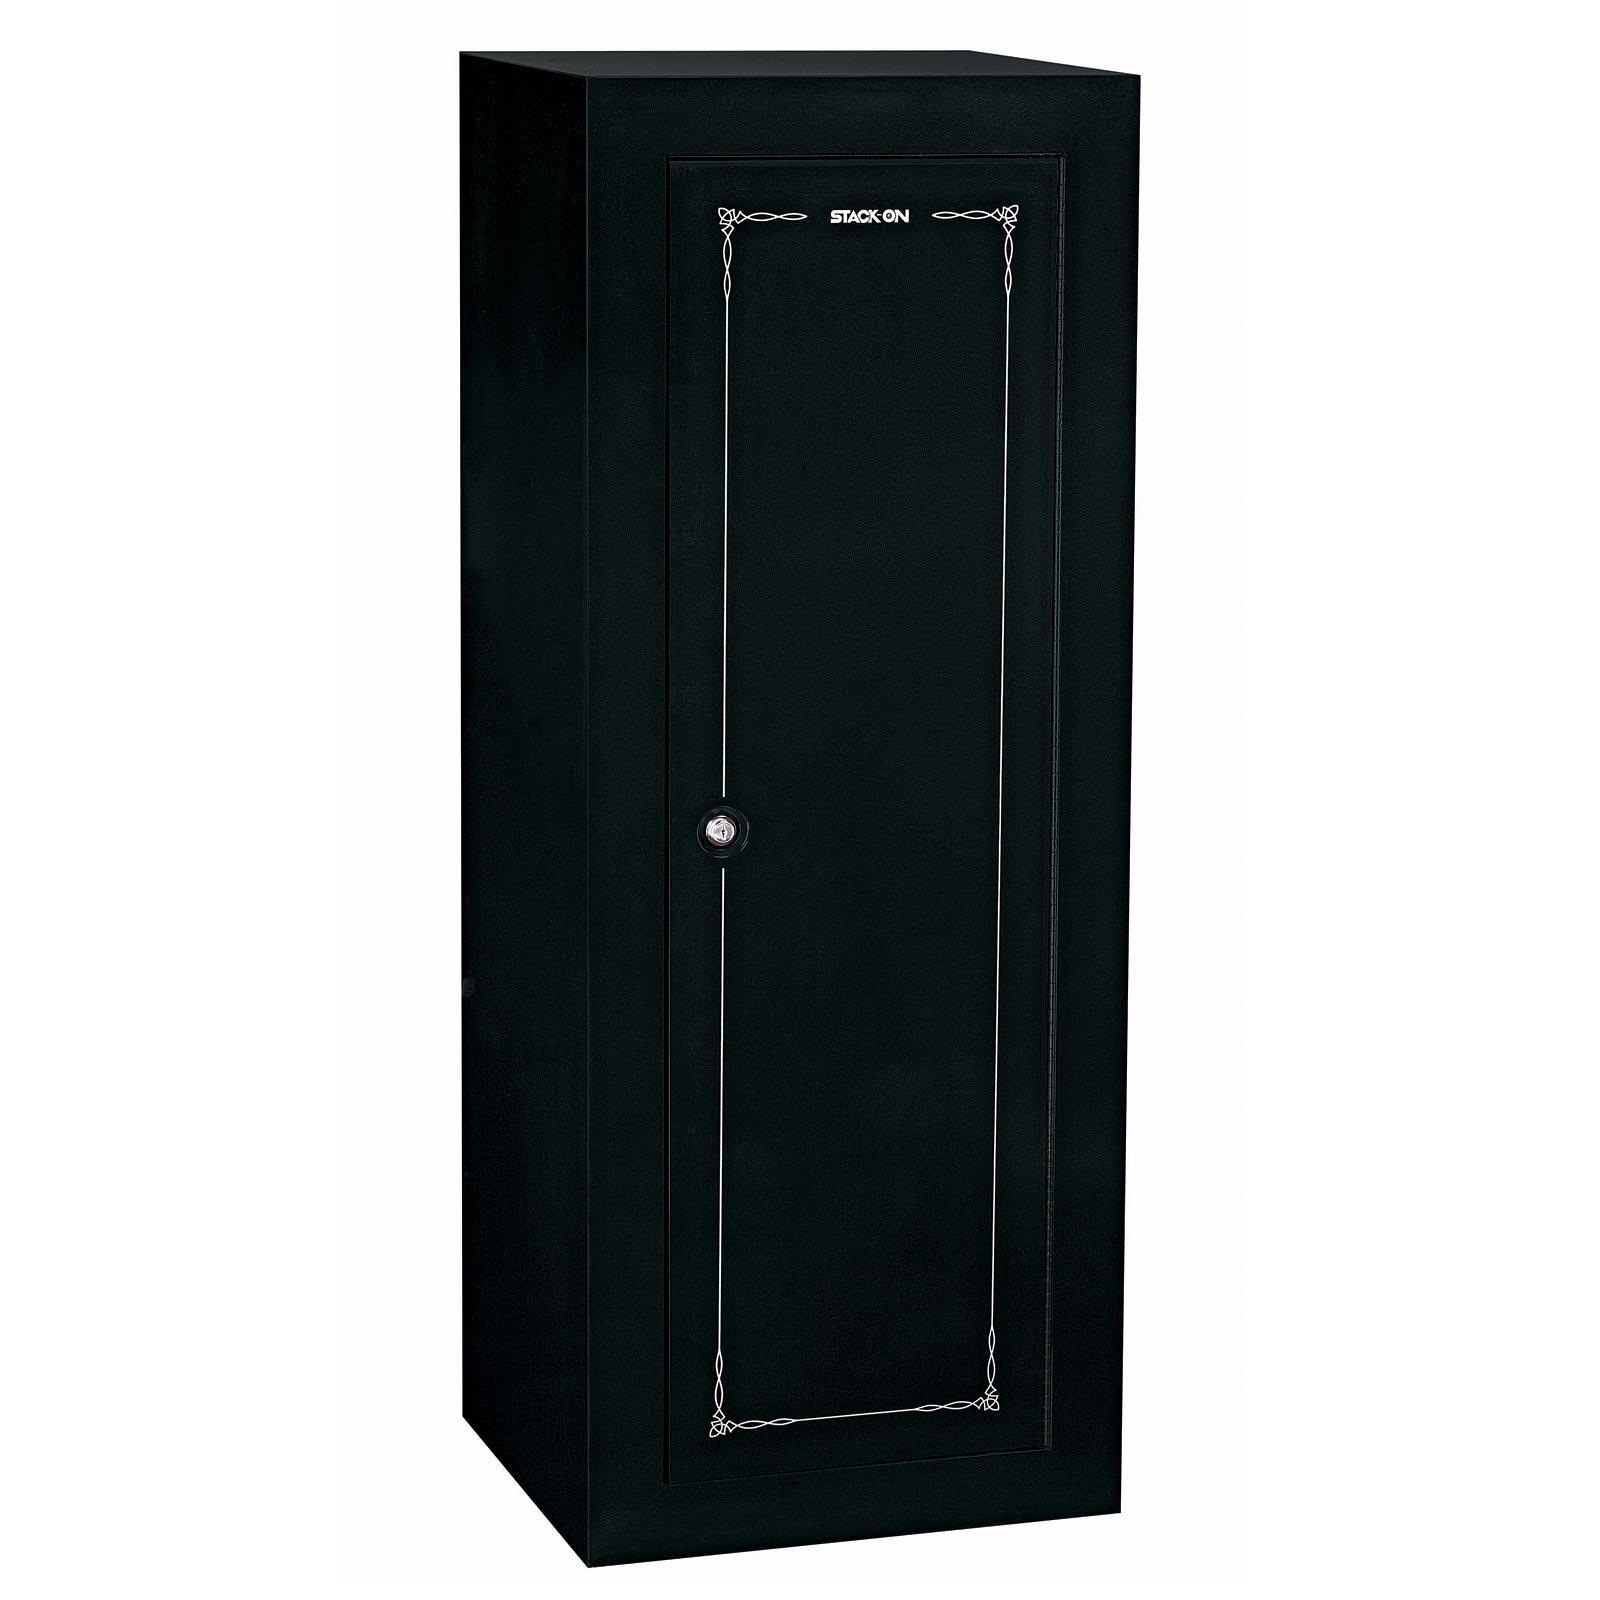 Gun Security Cabinet >> Stack-On GCB-18C Gun Cabinet Convertible Steel Security Cabinet - 18-Gun GCB-18C-DS